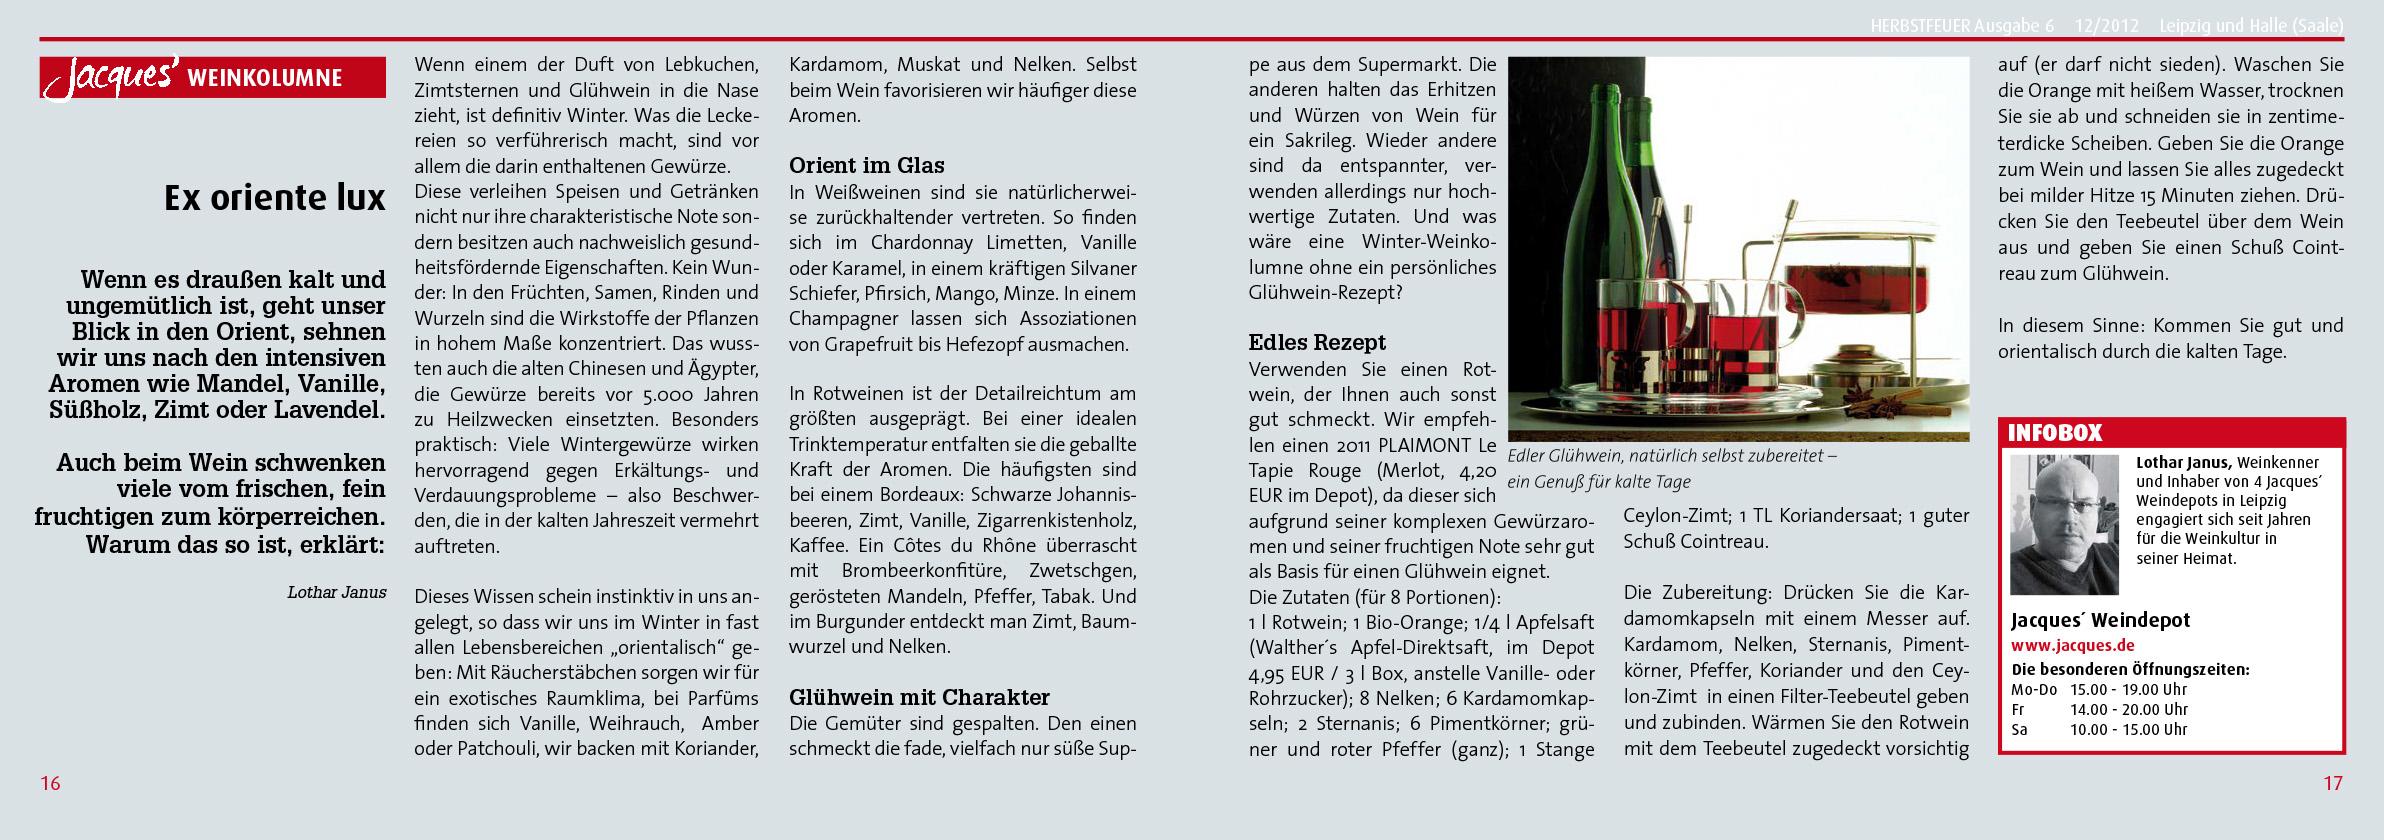 PR Kampagne für Kunde: Jacques' Wein-Depot; HERBSTFEUER® Nr. 6, 2013